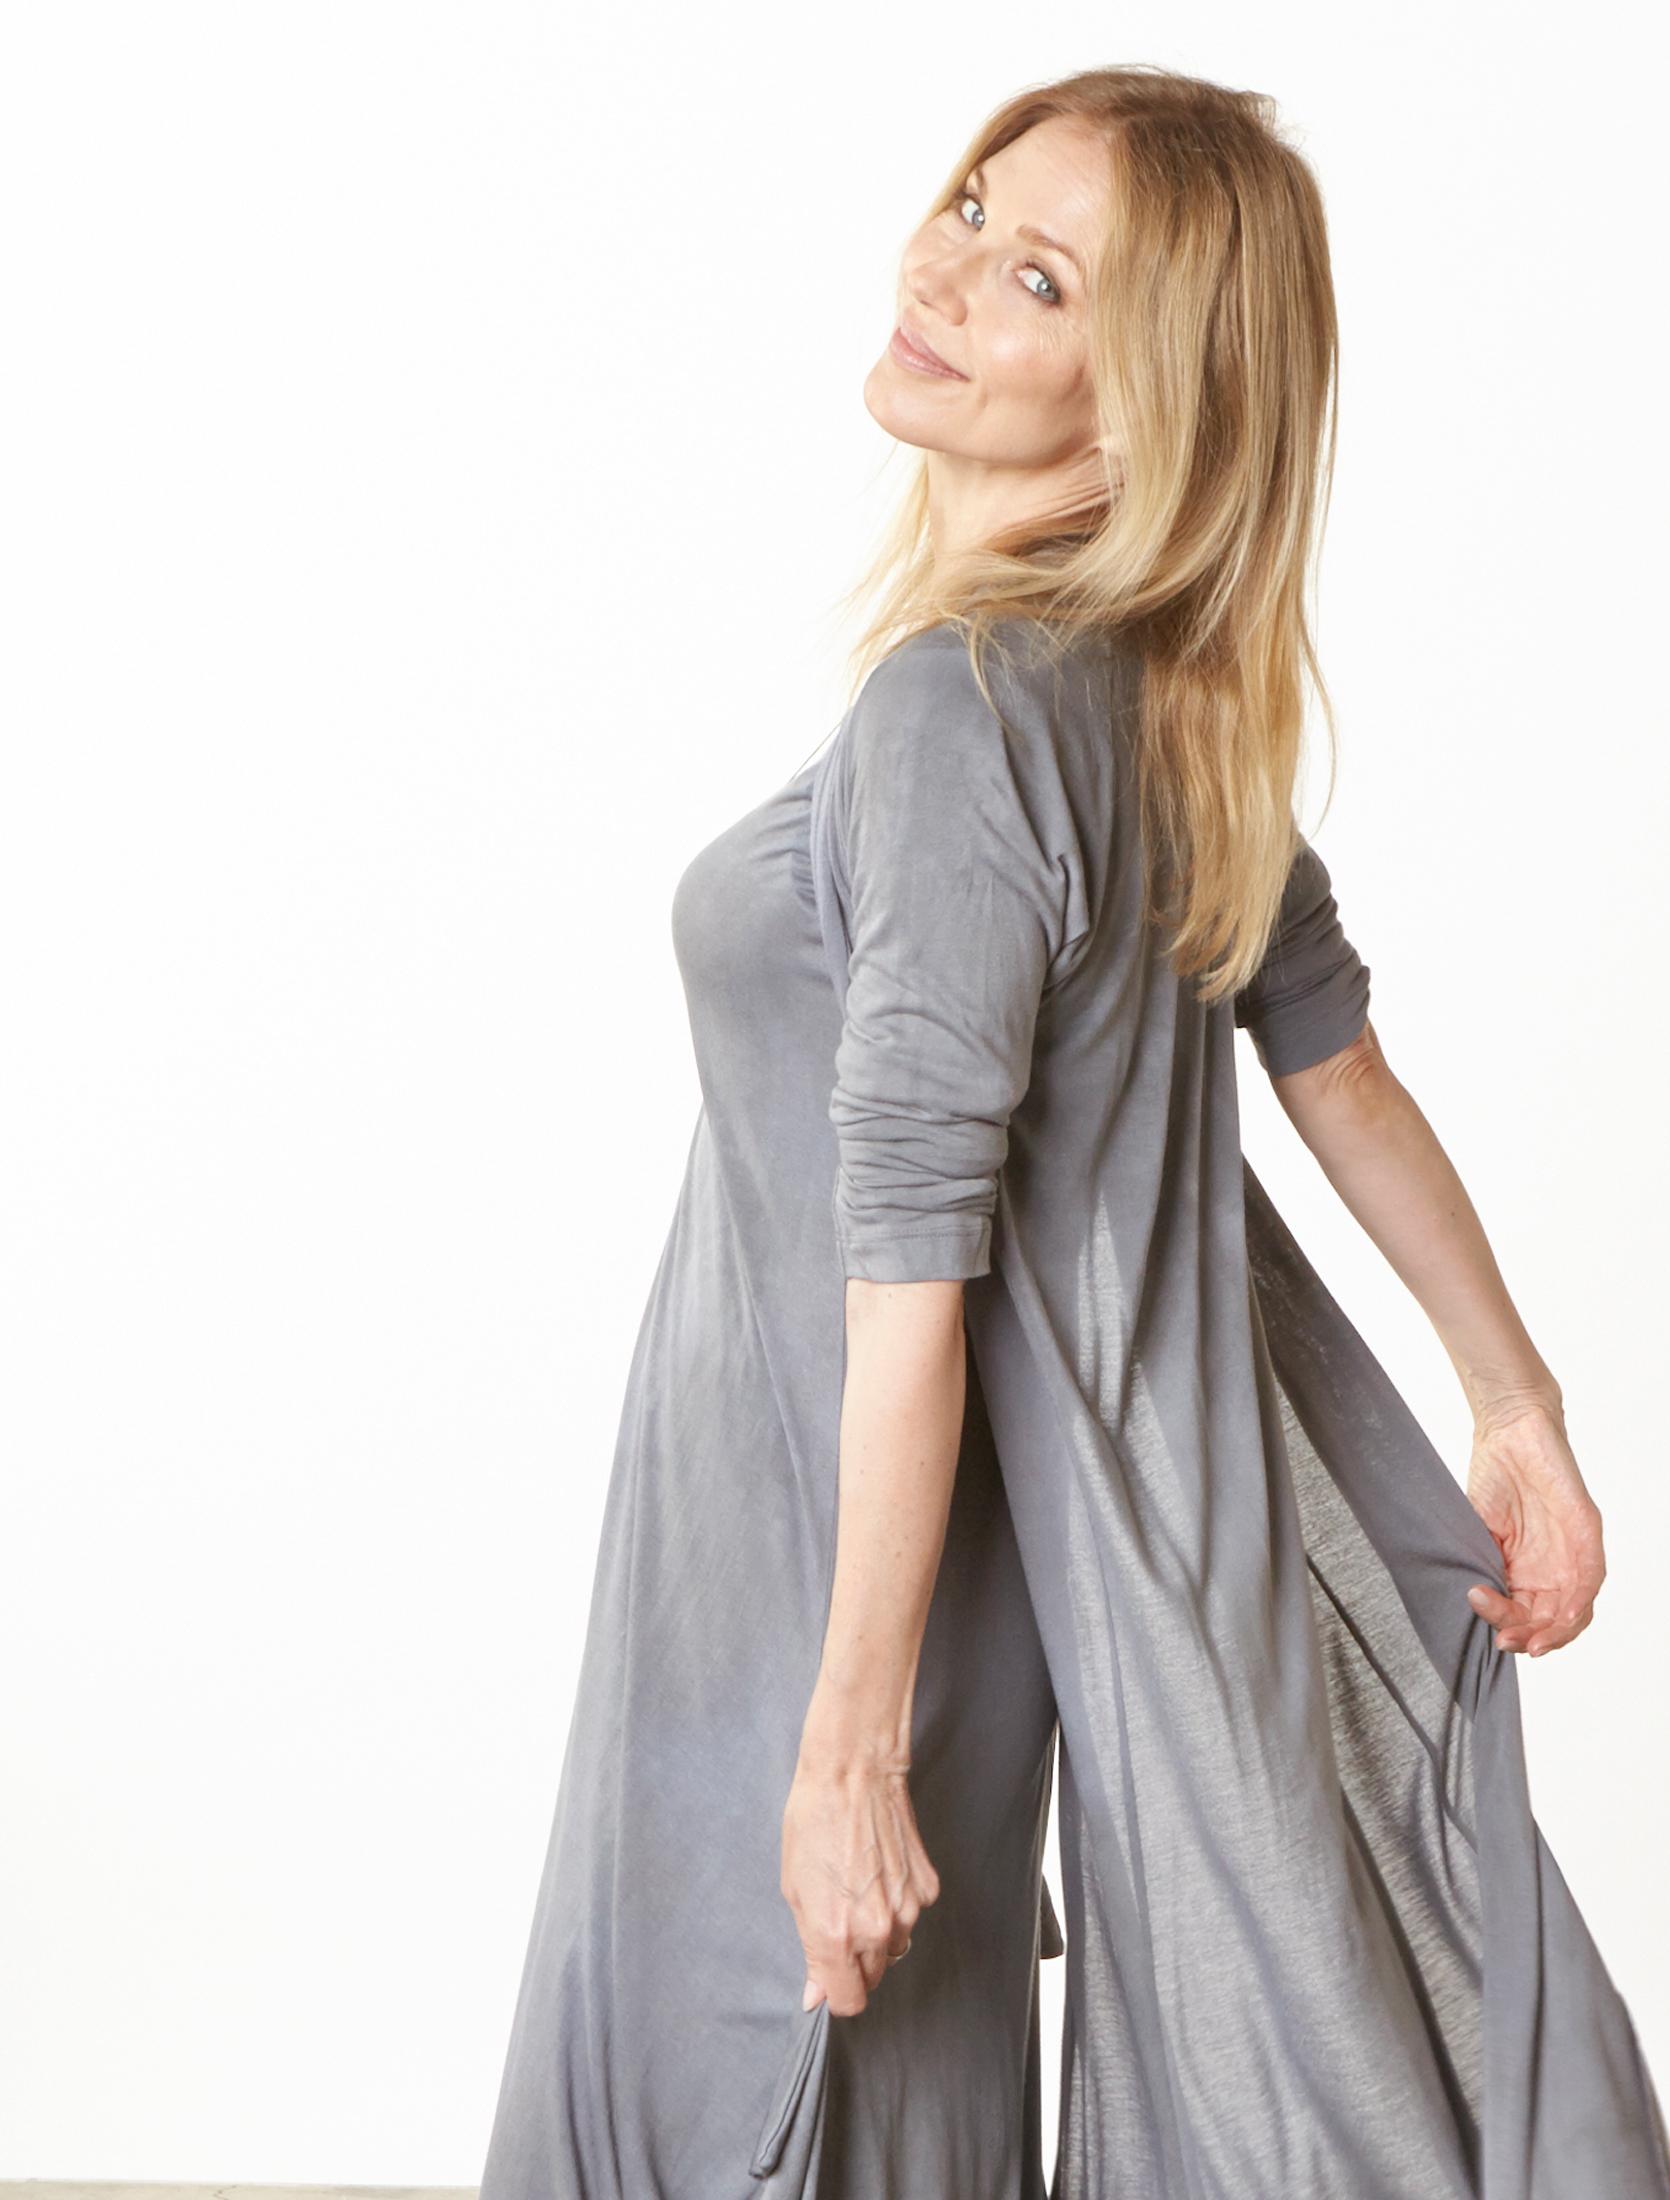 Tristan Cardigan, S/S Chelsea Dress in Grey Italian Tie Dye Viscose Jersey